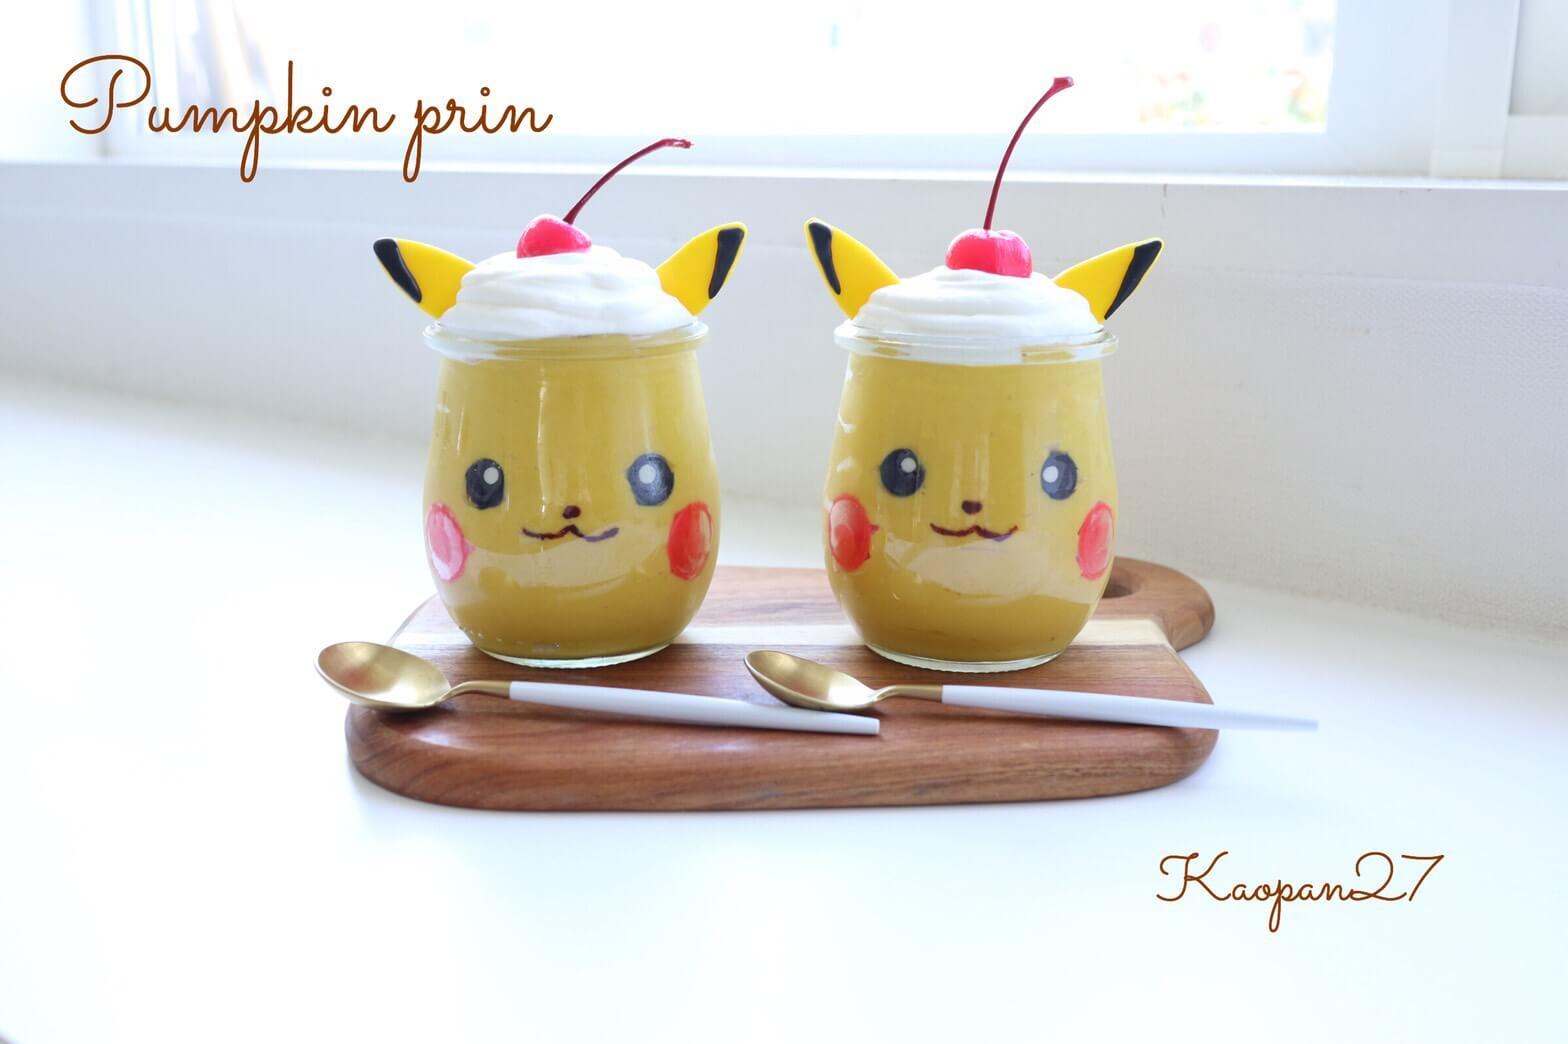 ピカチュウ レシピ pikachu recipe 皮卡丘 食譜2